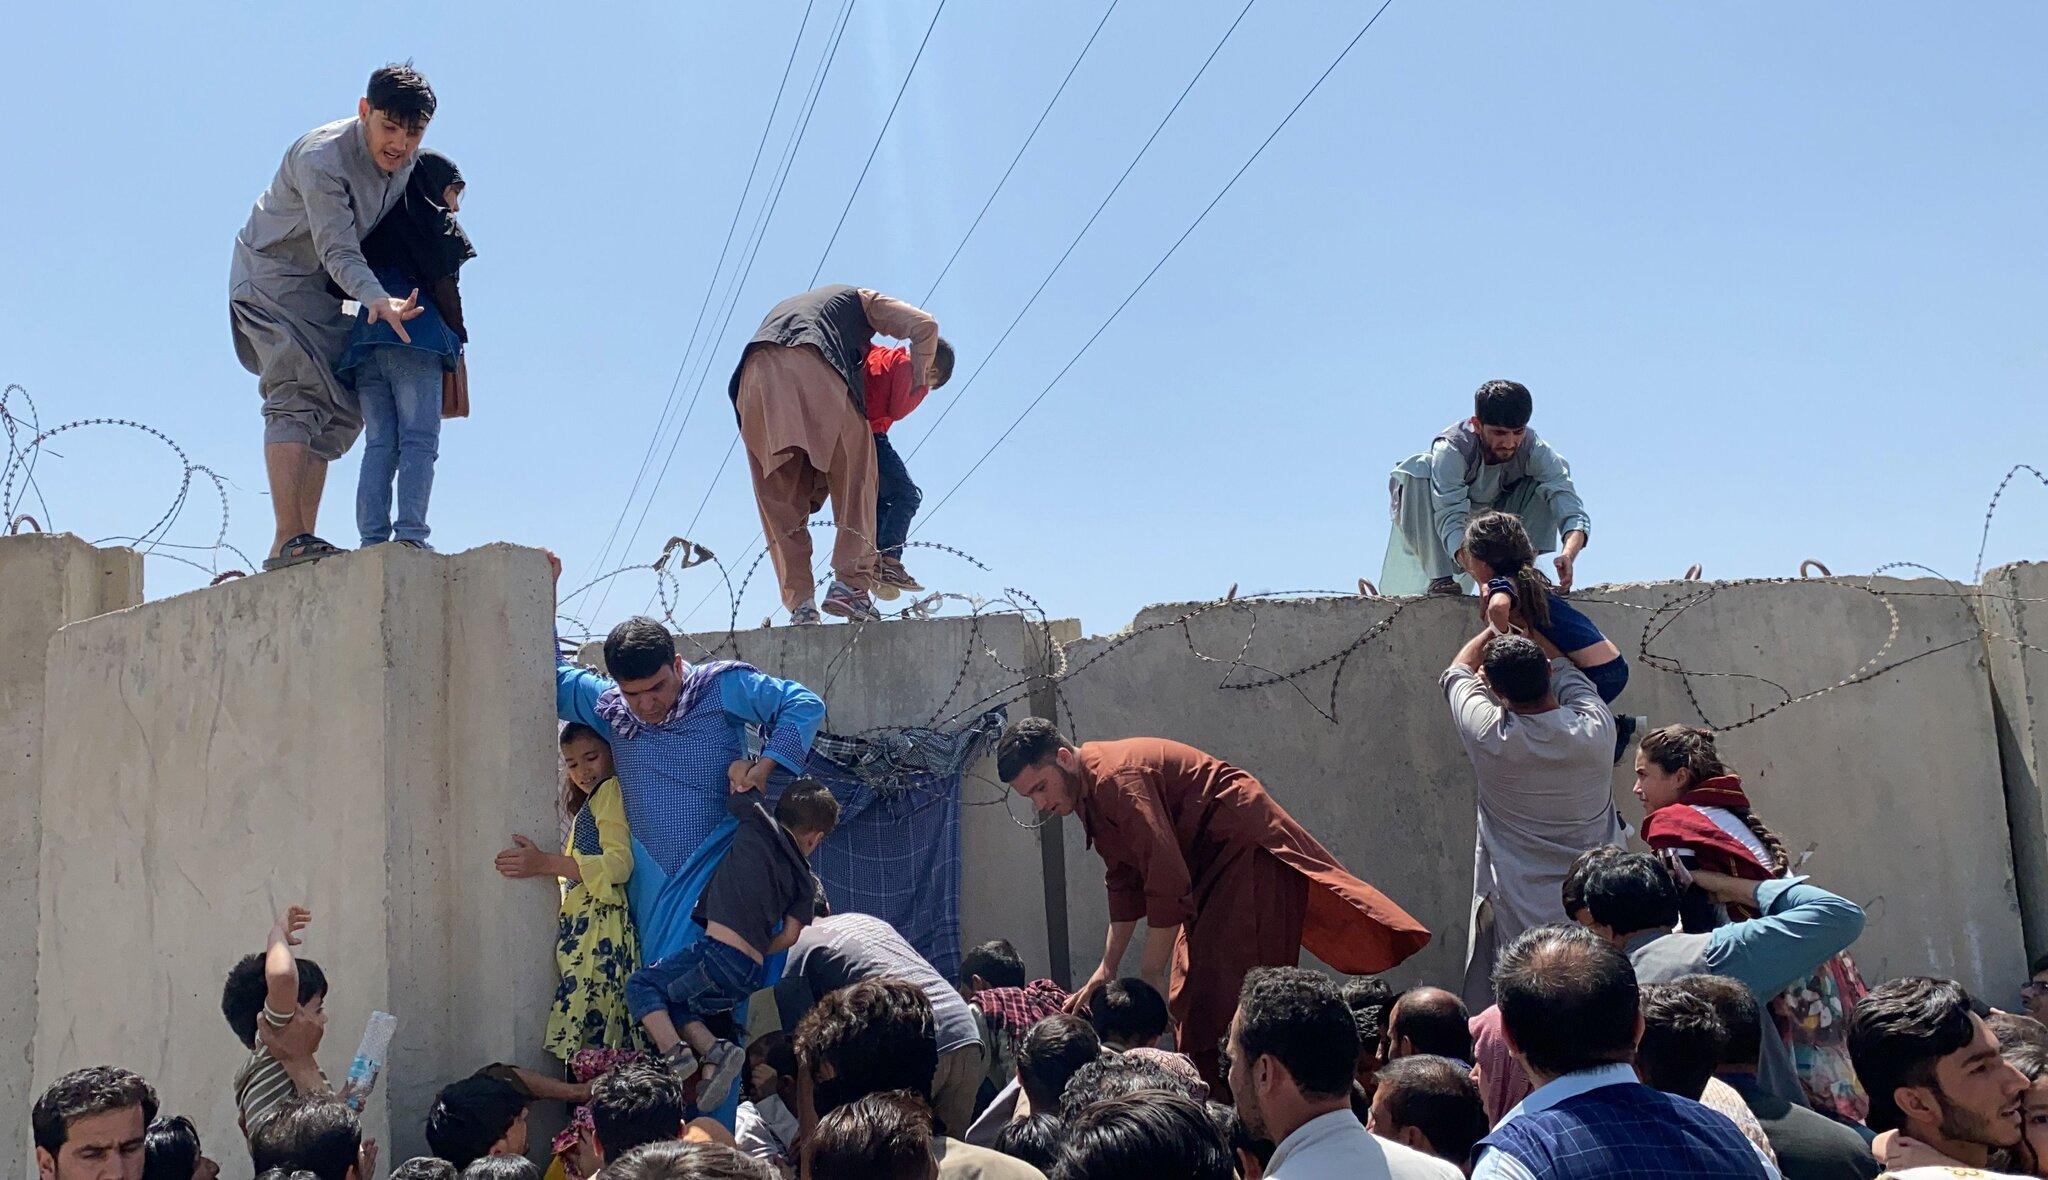 گذر مردم از دیوار فرودگاه کابل